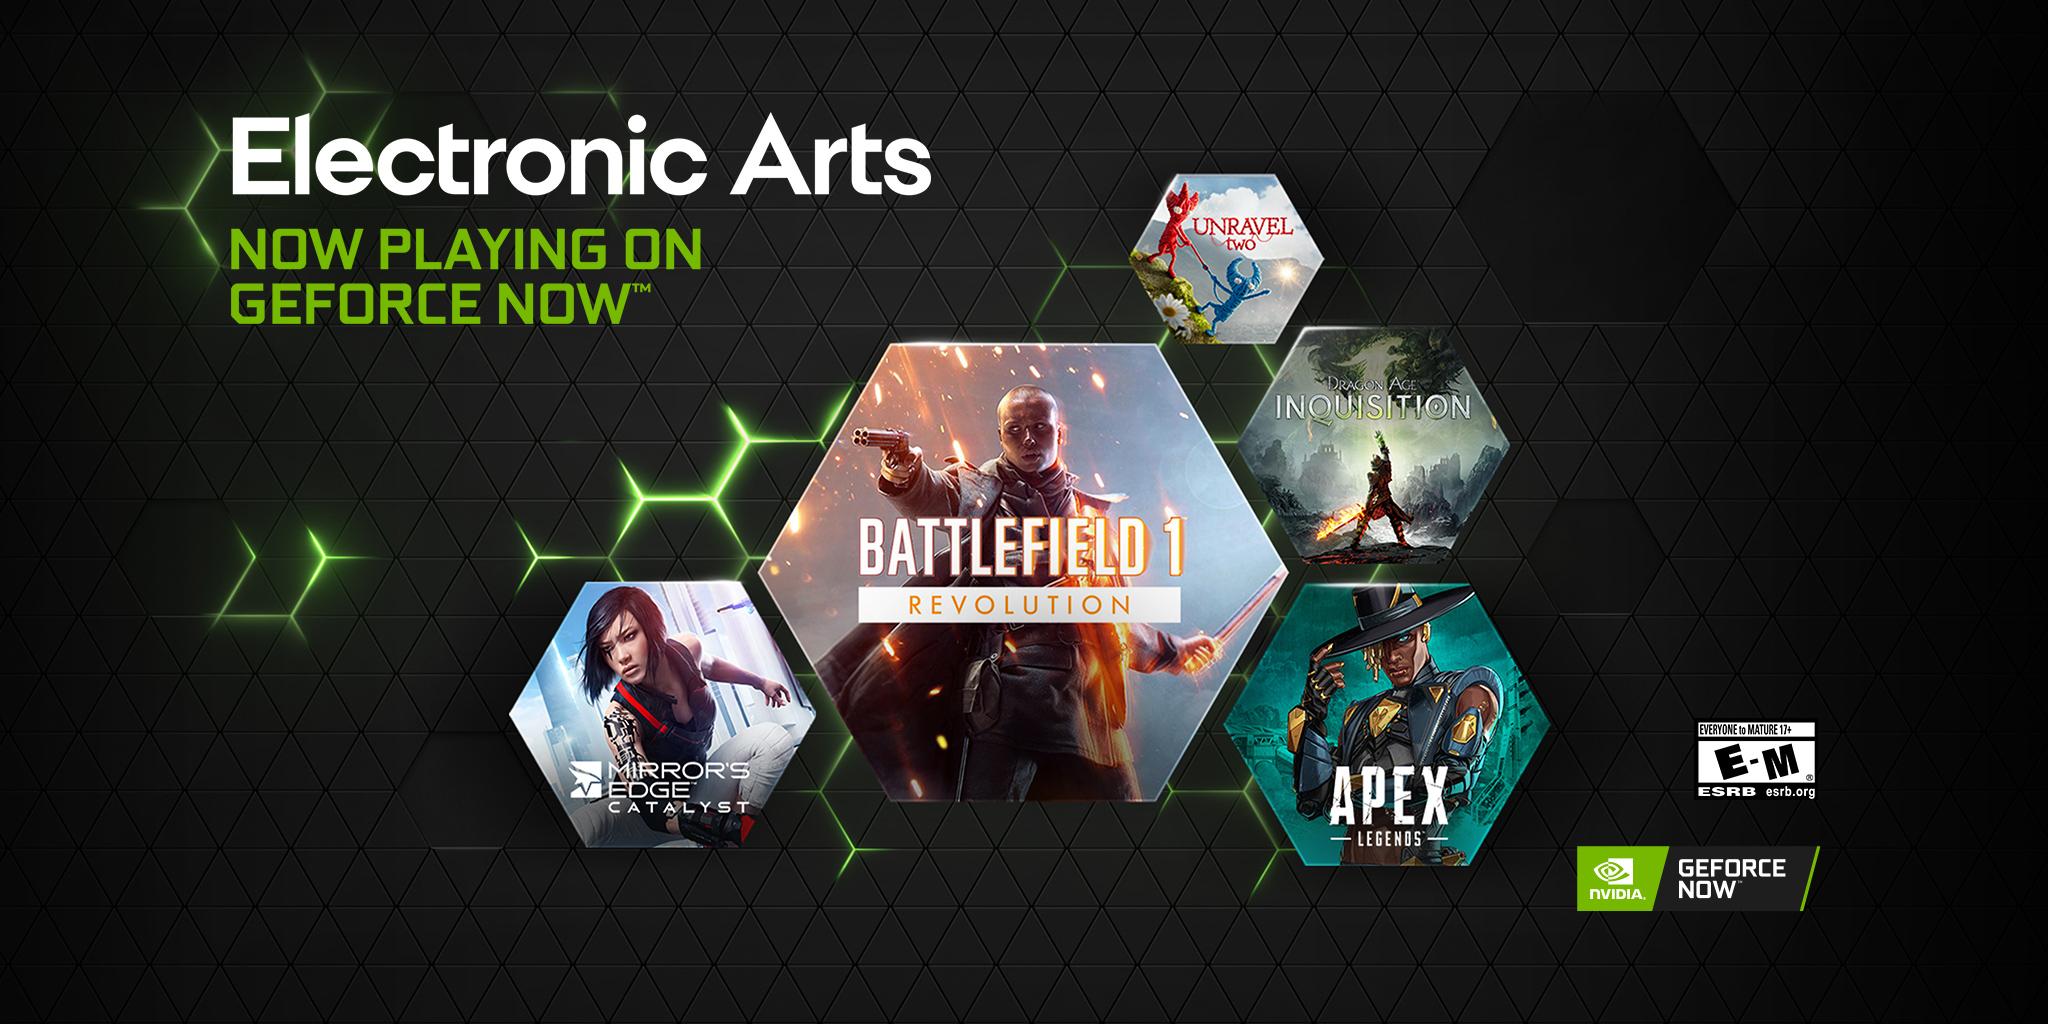 GeForce Now, arrivano i primi giochi di Electronic Arts